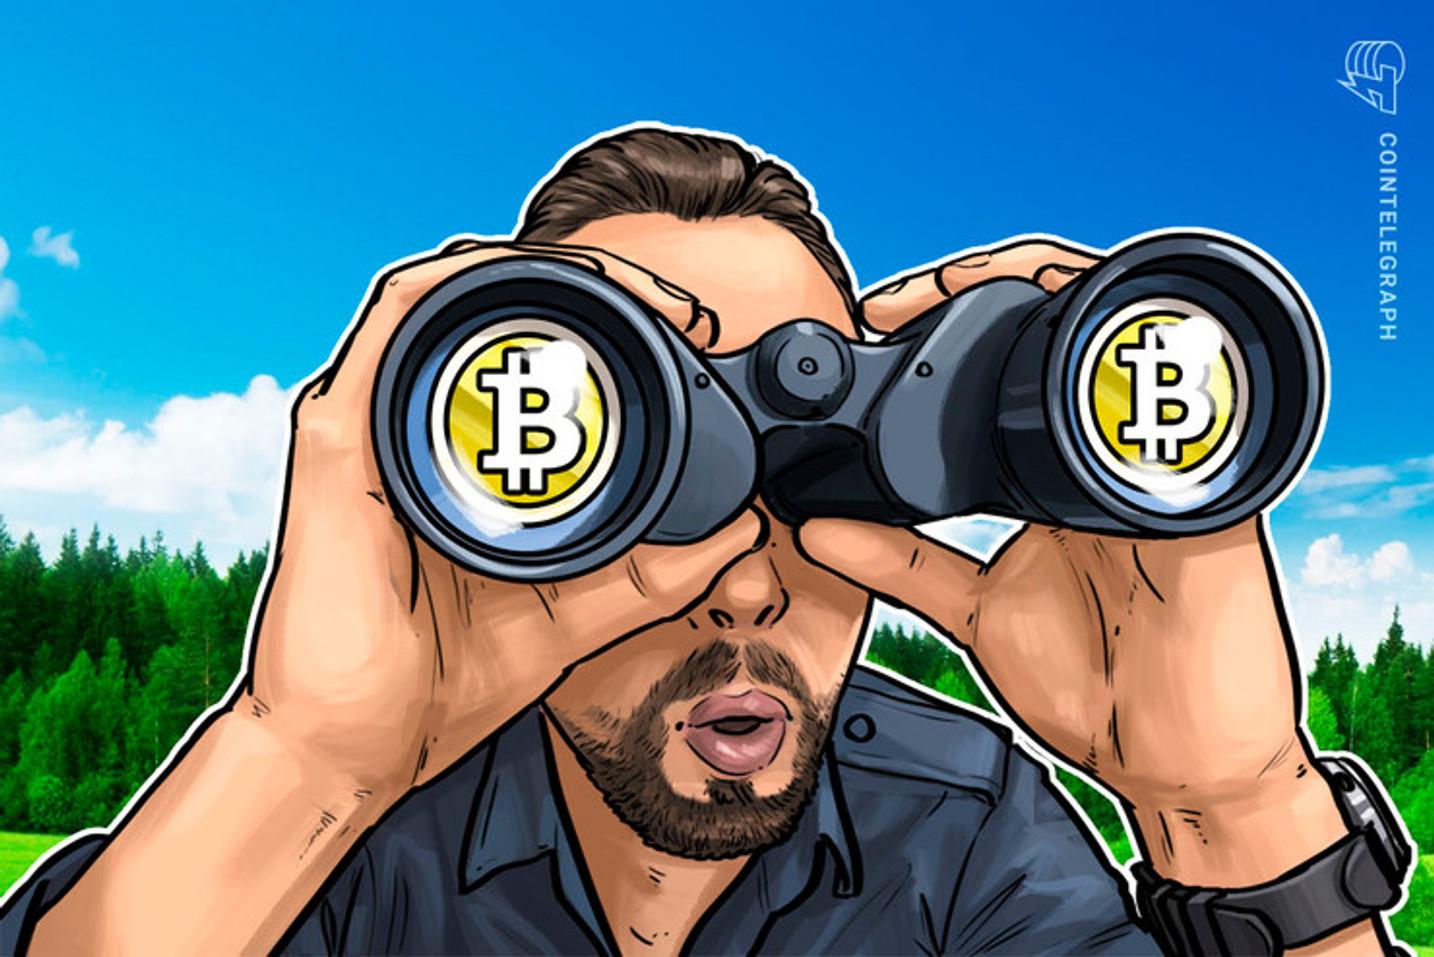 'Quantidade de Bitcoin disponível para compra é bem menor que o que se imagina' afirma PlanB